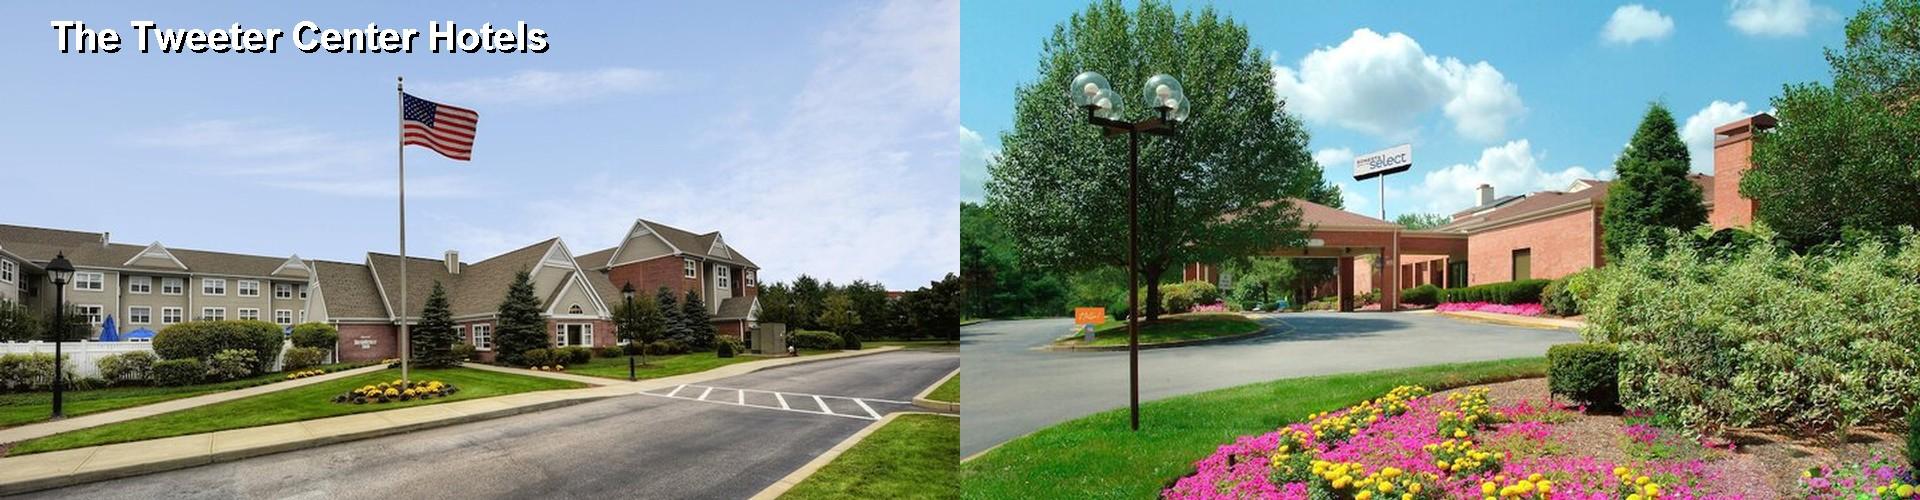 5 Best Hotels Near The Tweeter Center